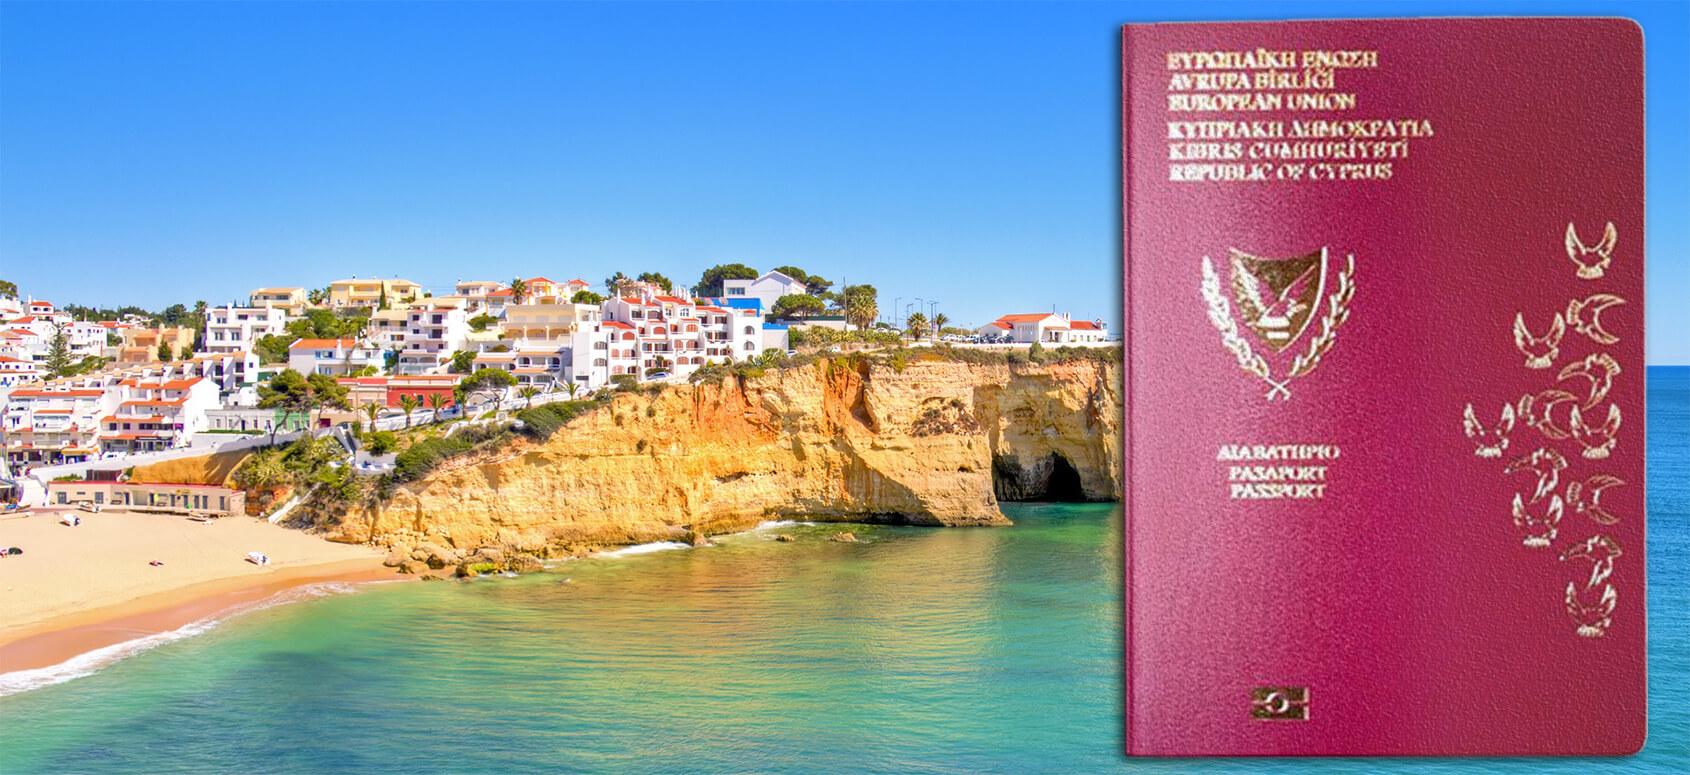 получение гражданства евросоюза через кипр